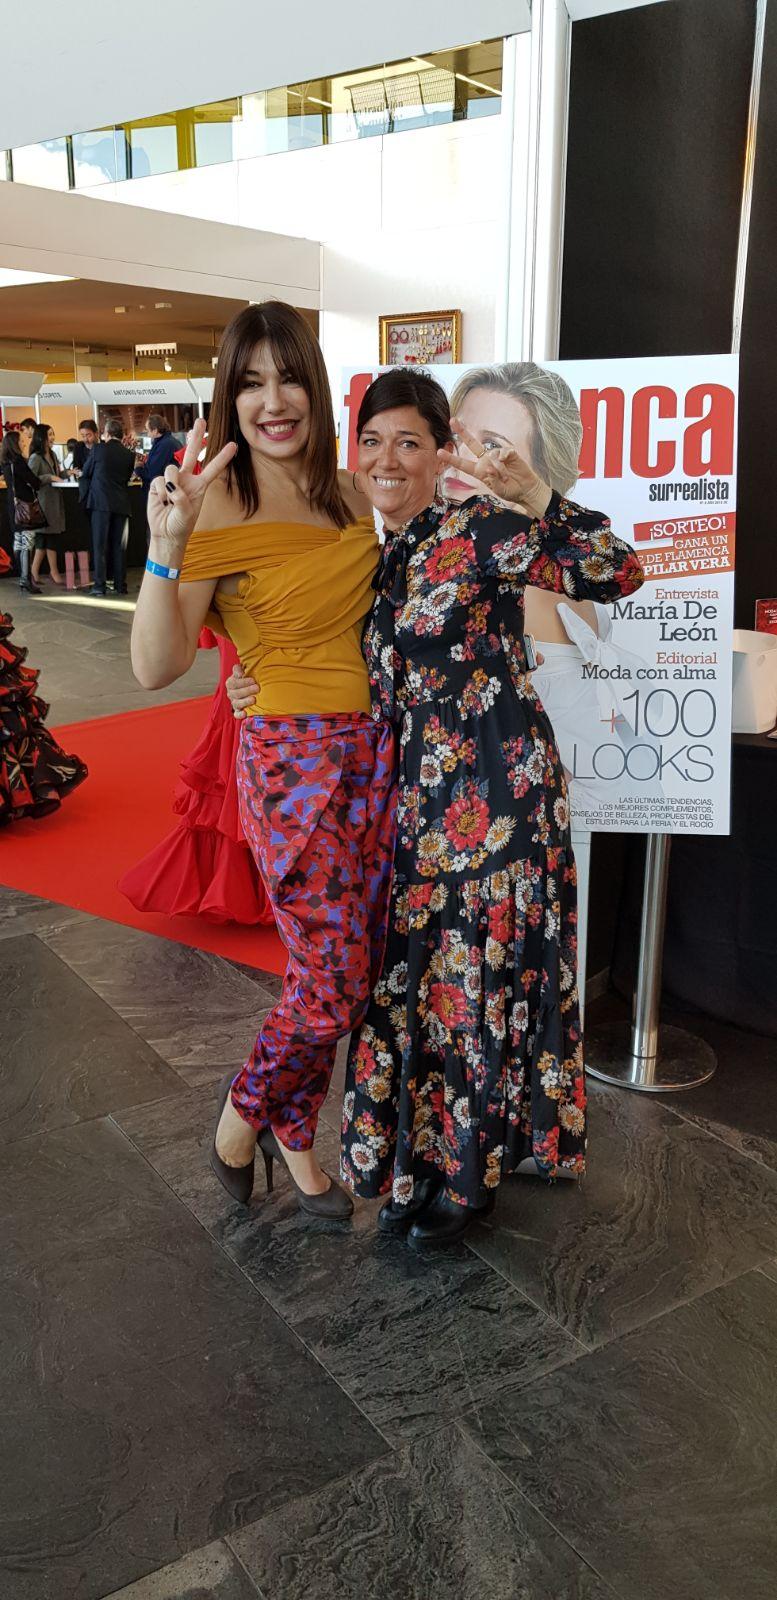 Acompañada de Victoria Pozuelo, subdirectora de la revista Surrealista Moda Flamenca